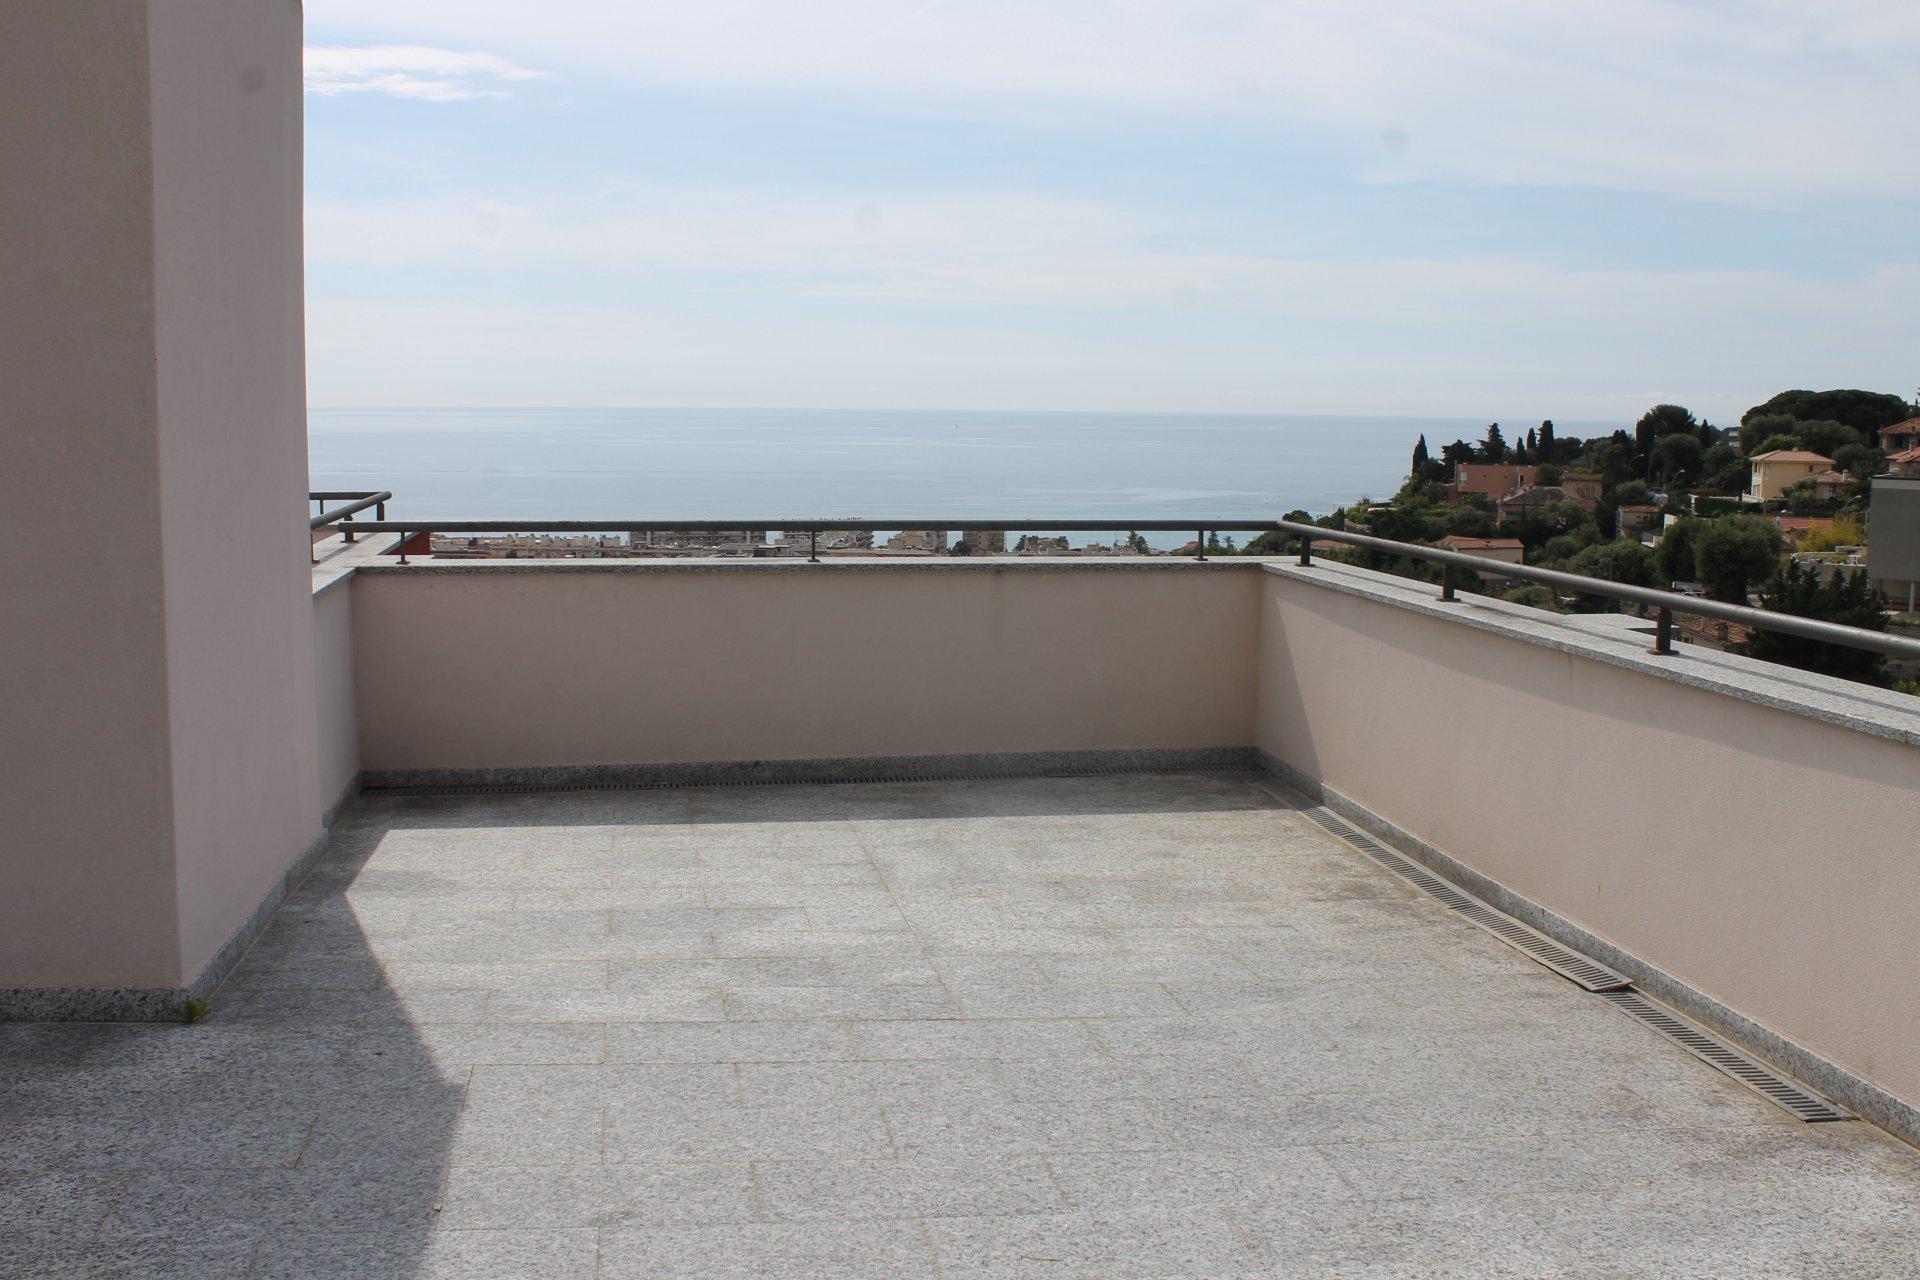 F2 meublé dernier étage rooftop vue mer piscine parking PREMIER MOIS DE LOYER OFFERT !